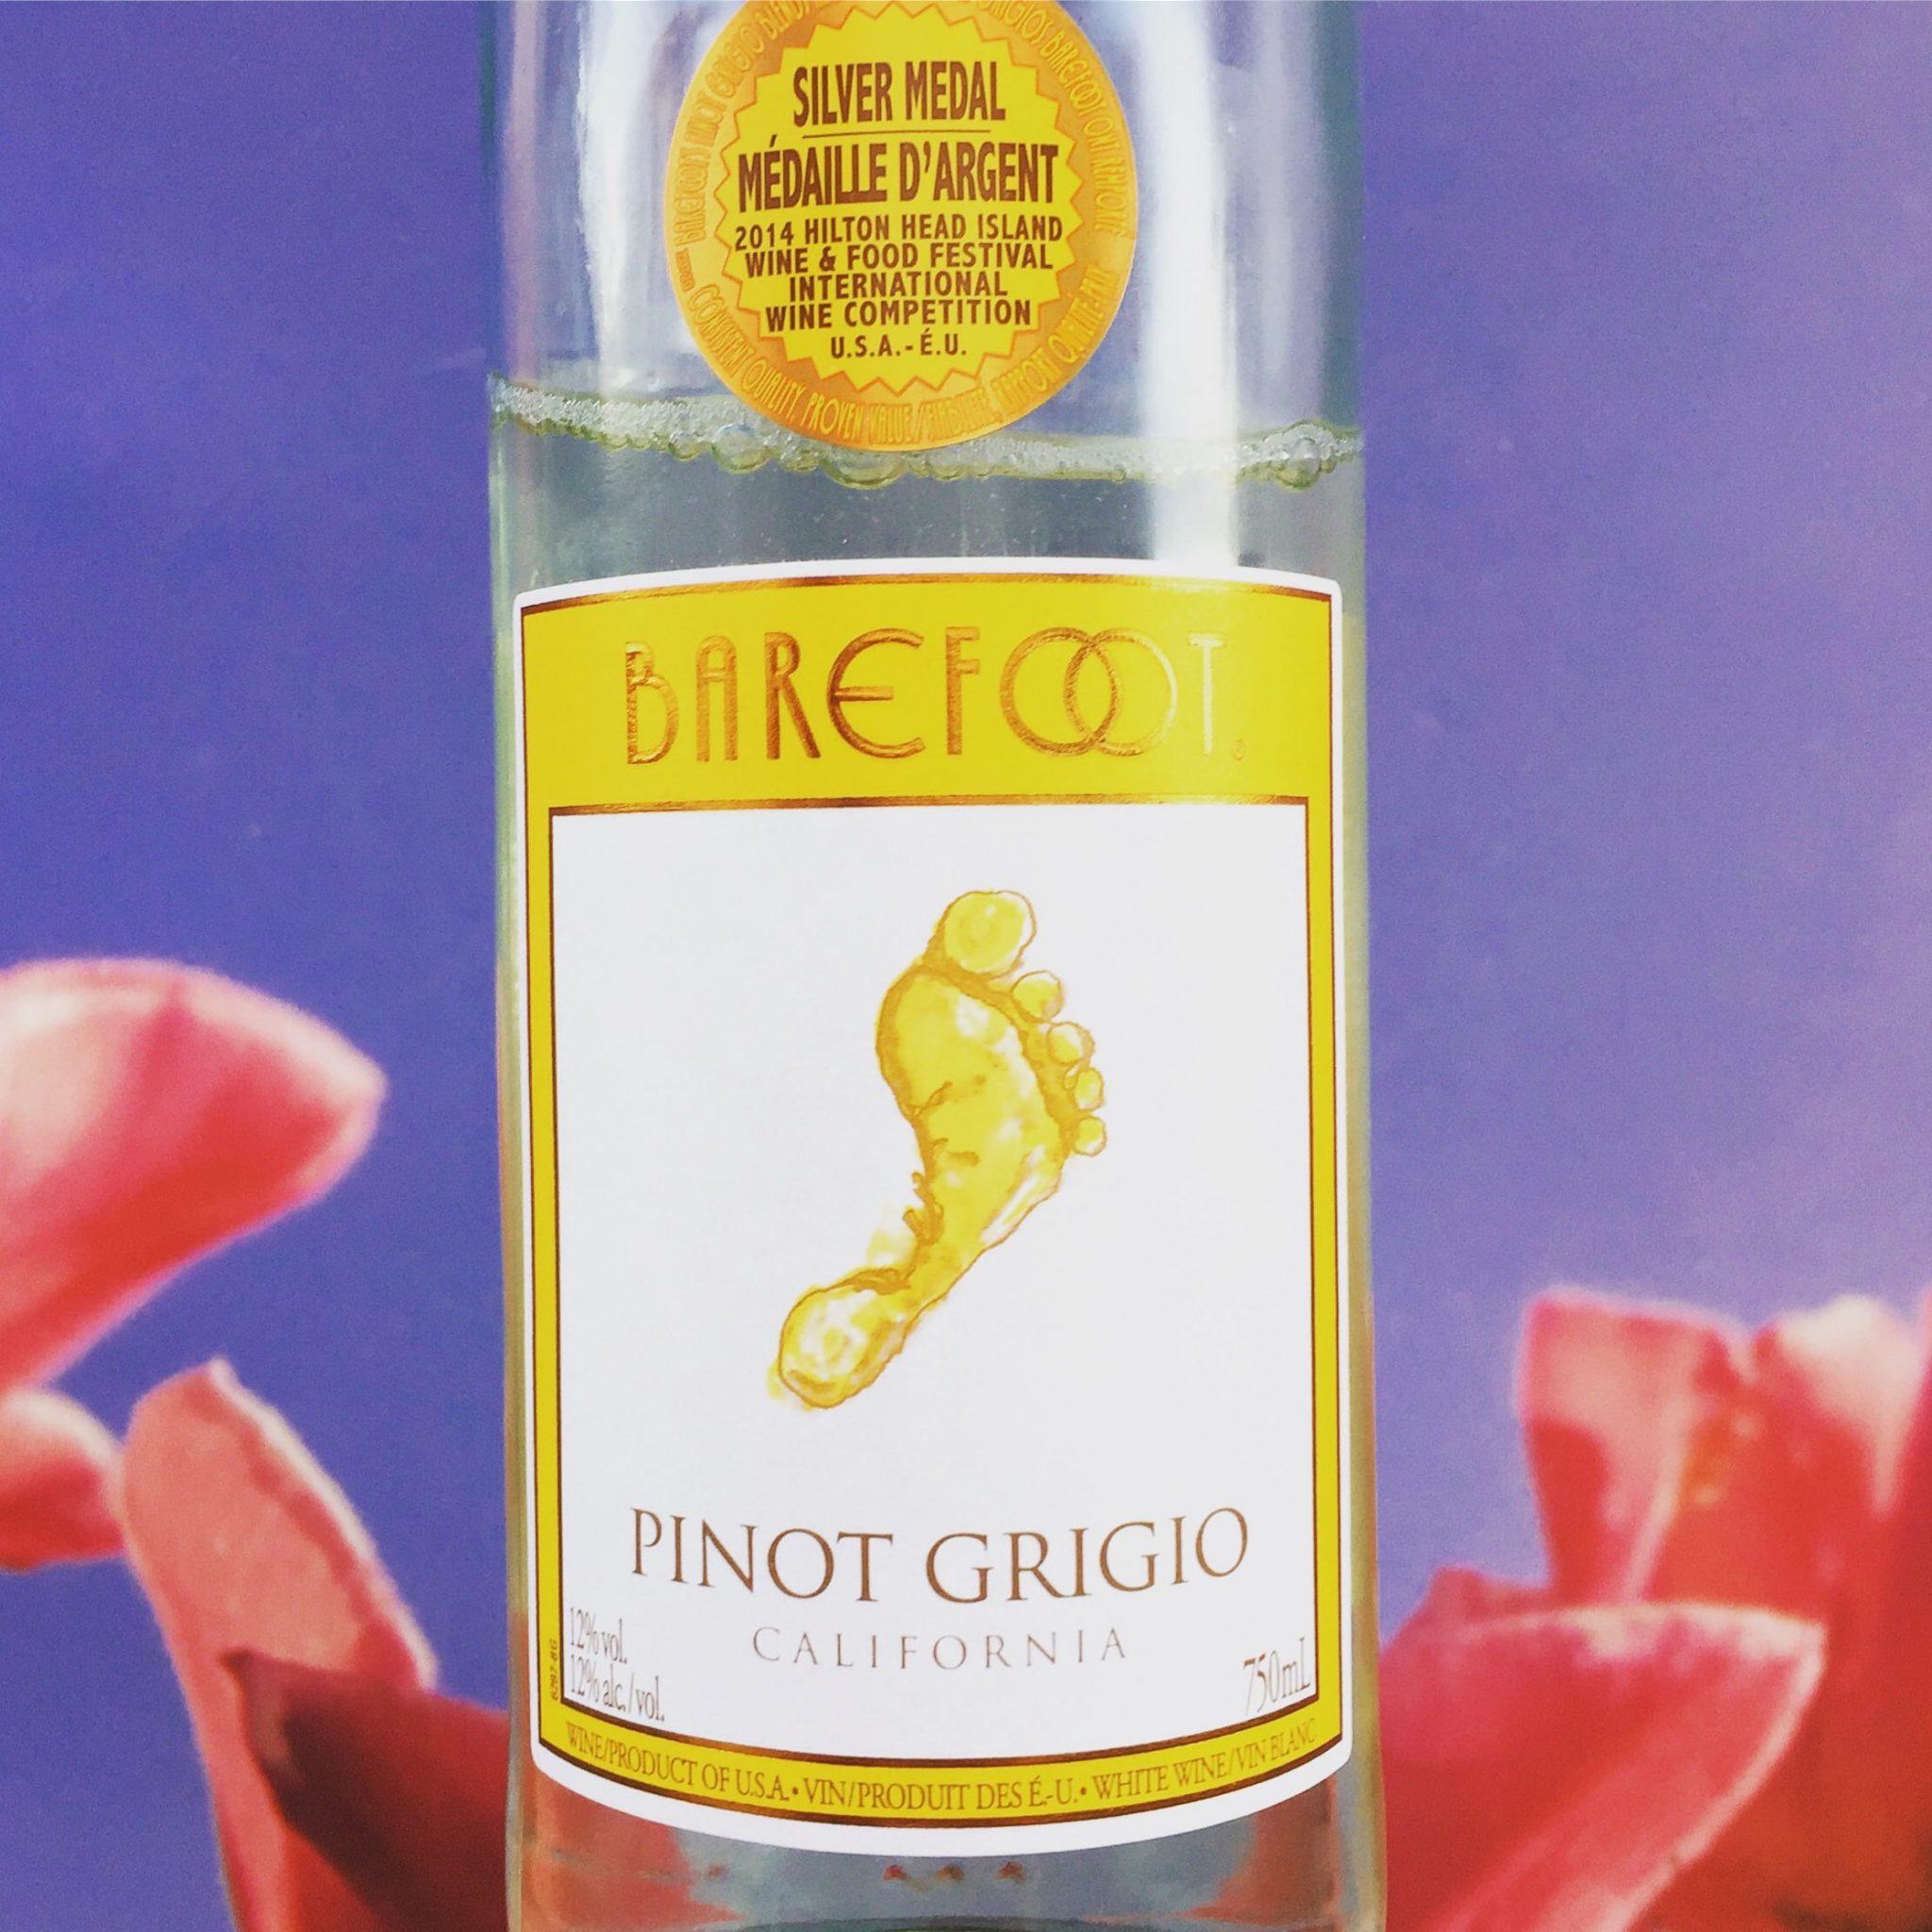 Barefoot Pinot Grigio wijnreview door Mama Drinkt Wijn, vinoloog sinds 2006